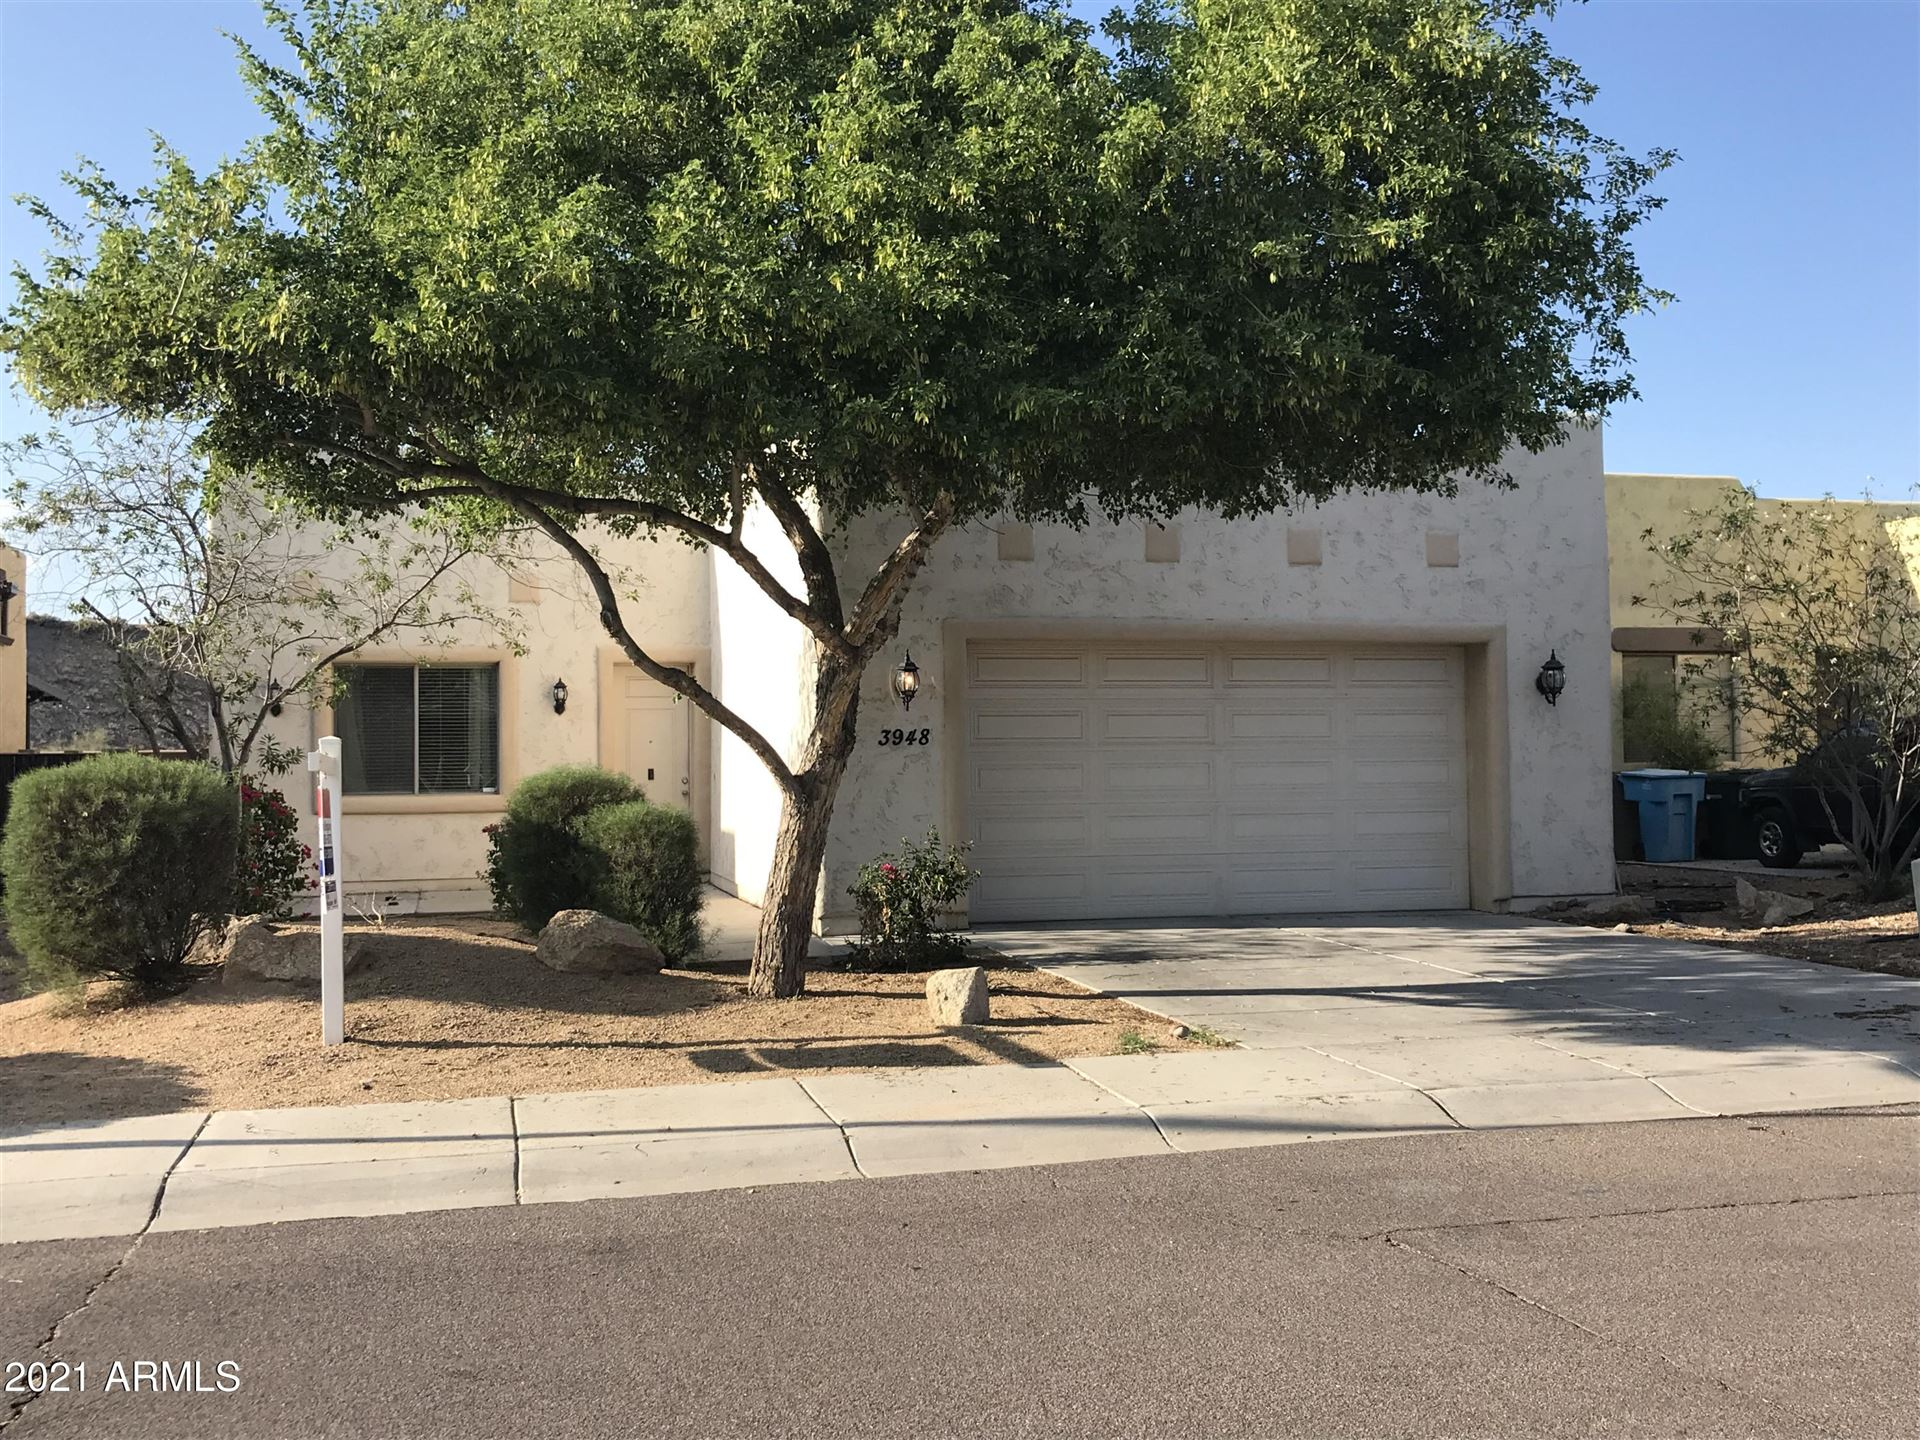 3948 W SALTER Drive, Glendale, AZ 85308 - MLS#: 6254015